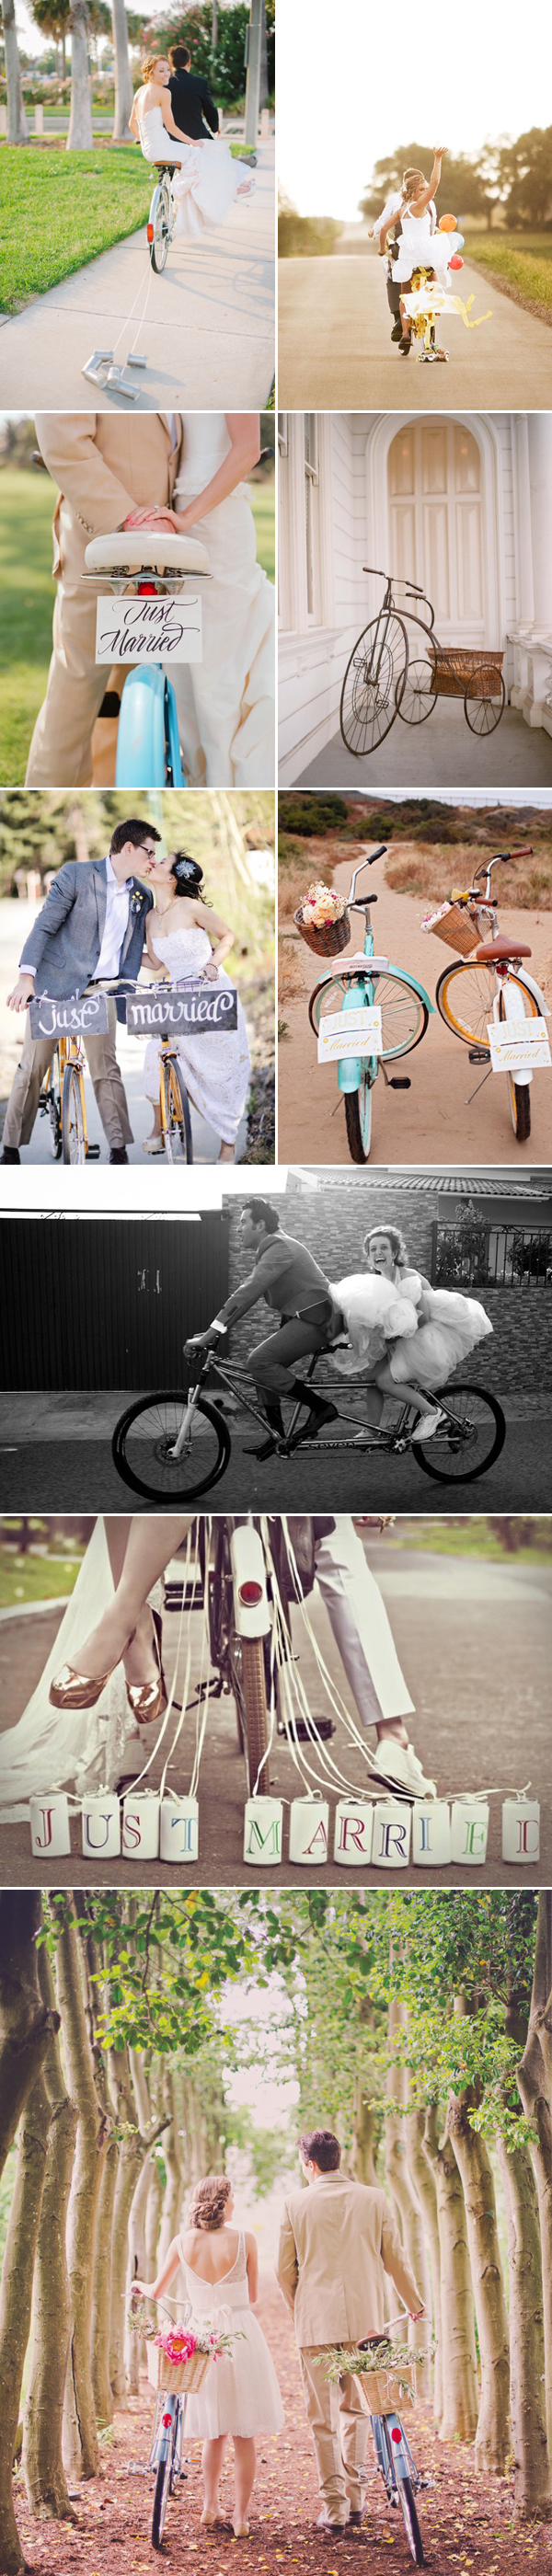 getaway06-bike